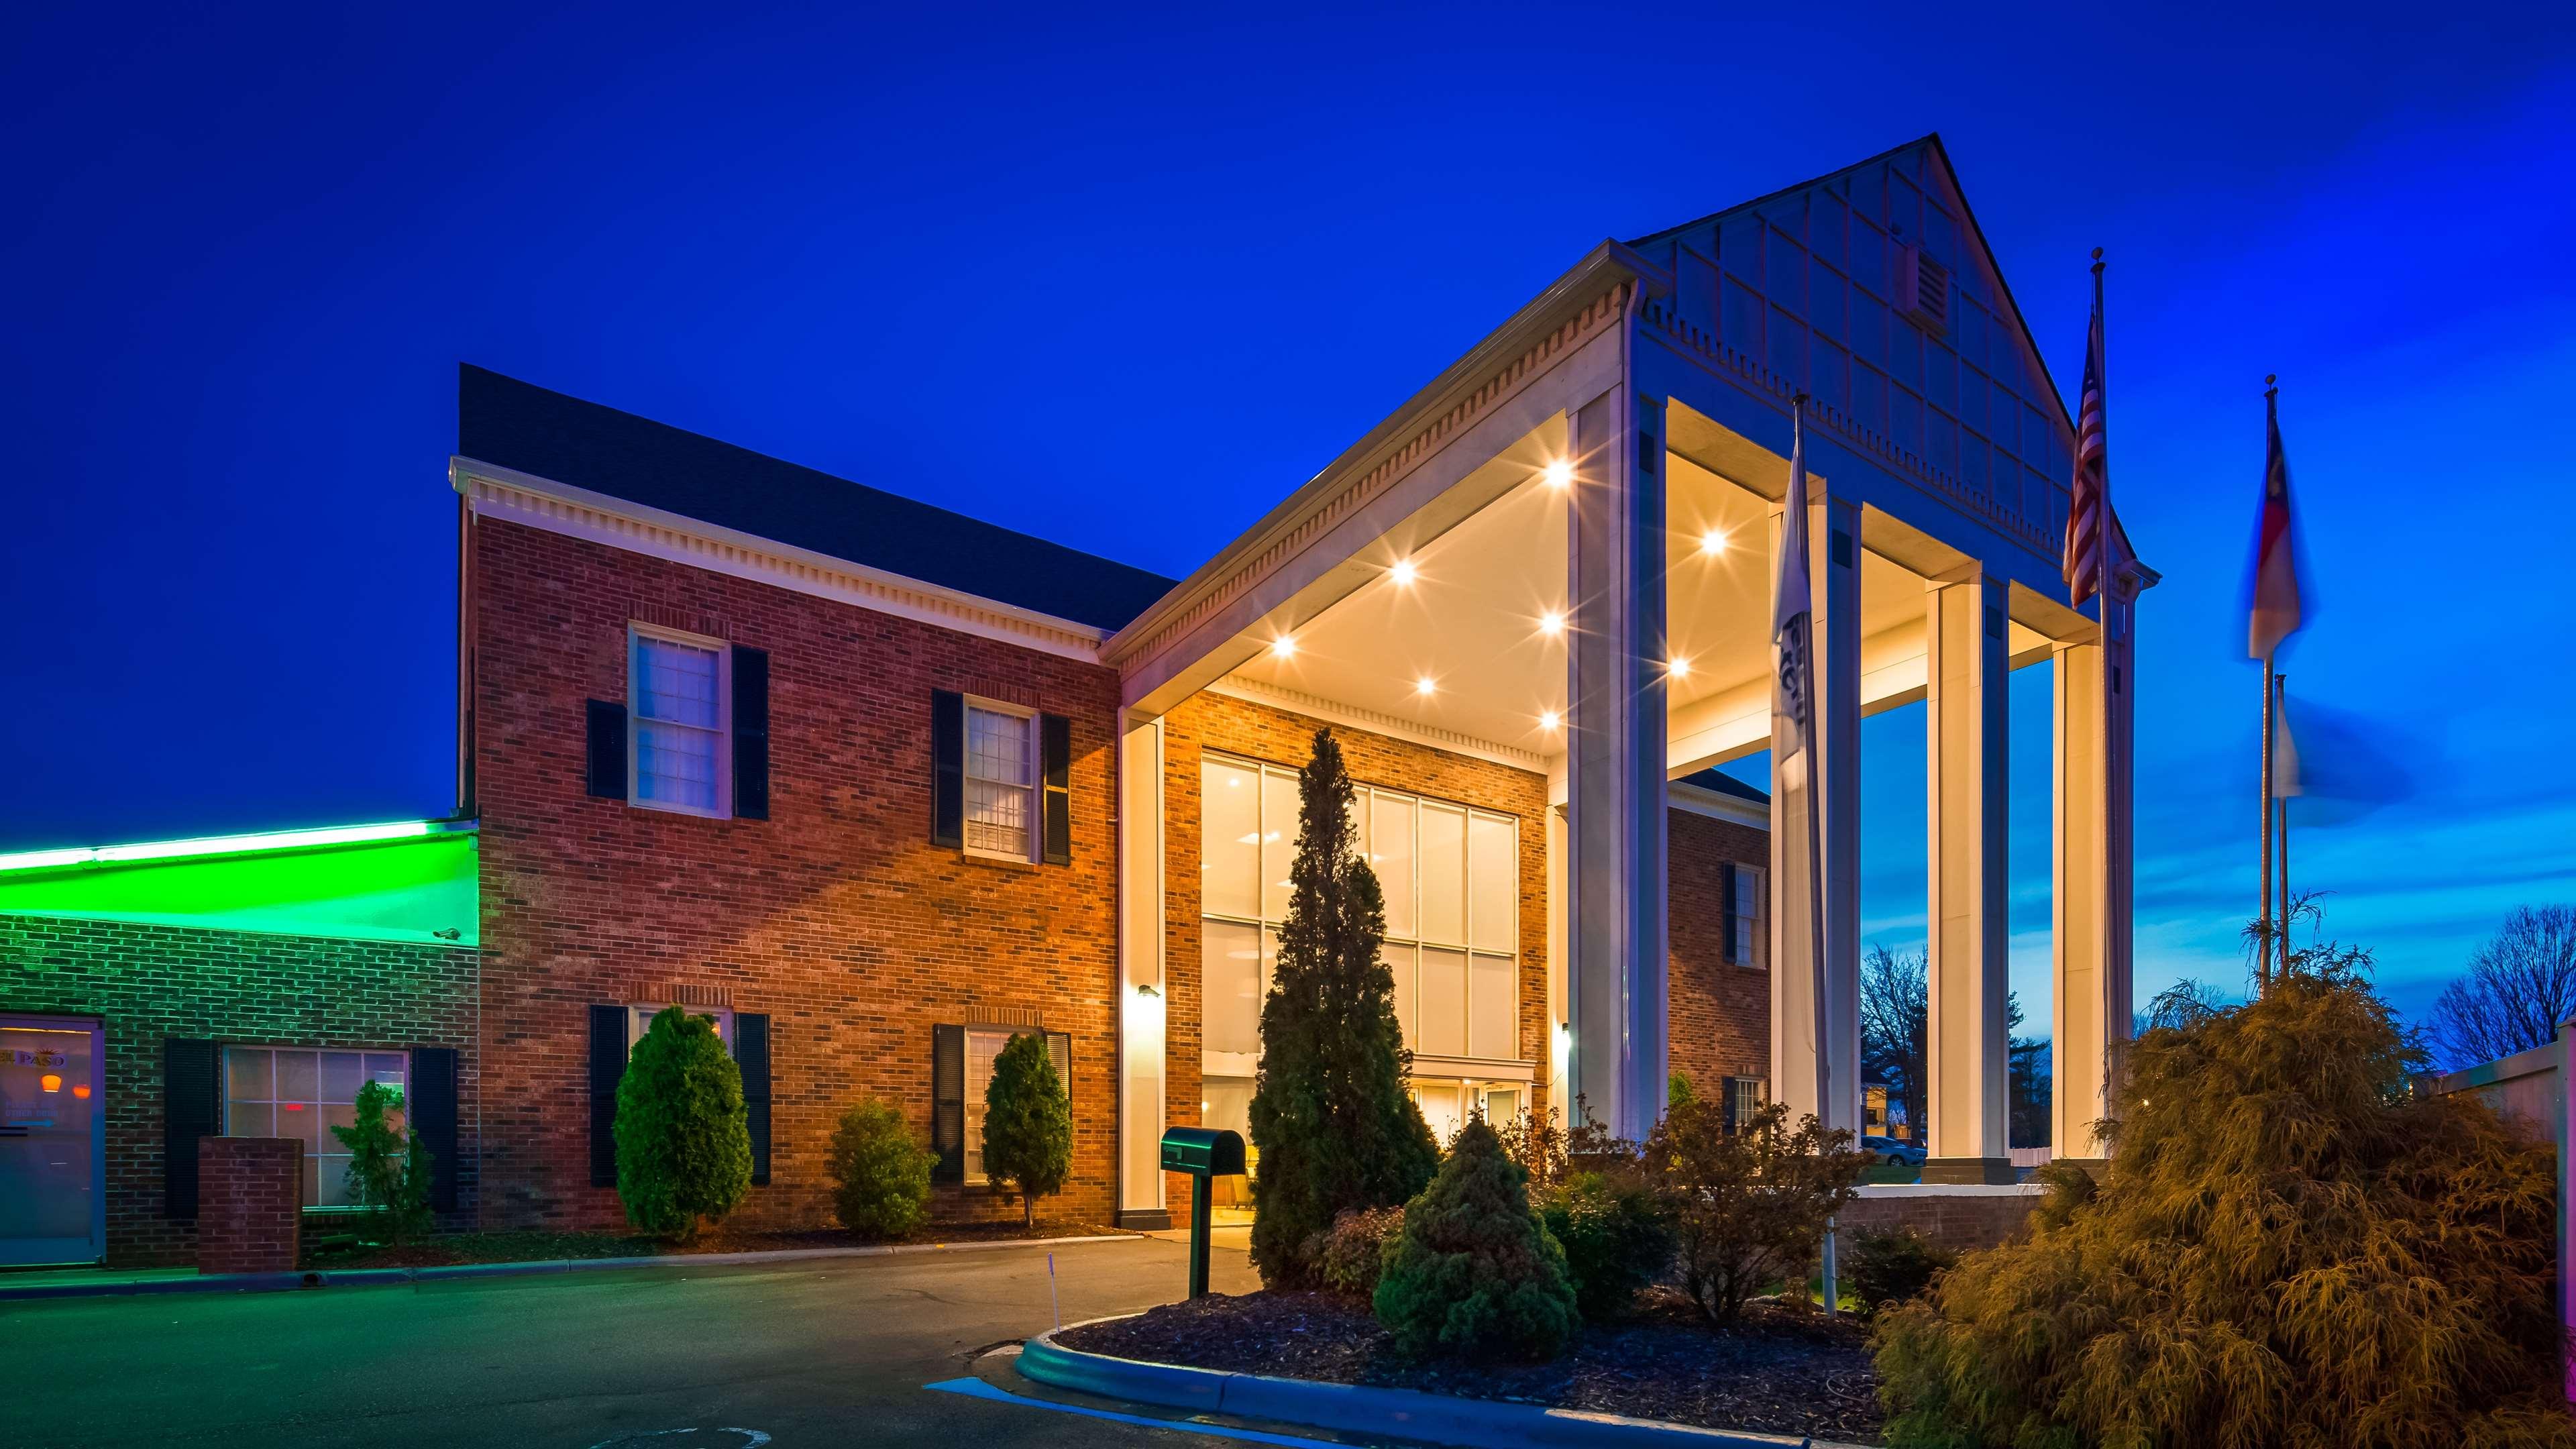 Best Western Hendersonville Inn image 2